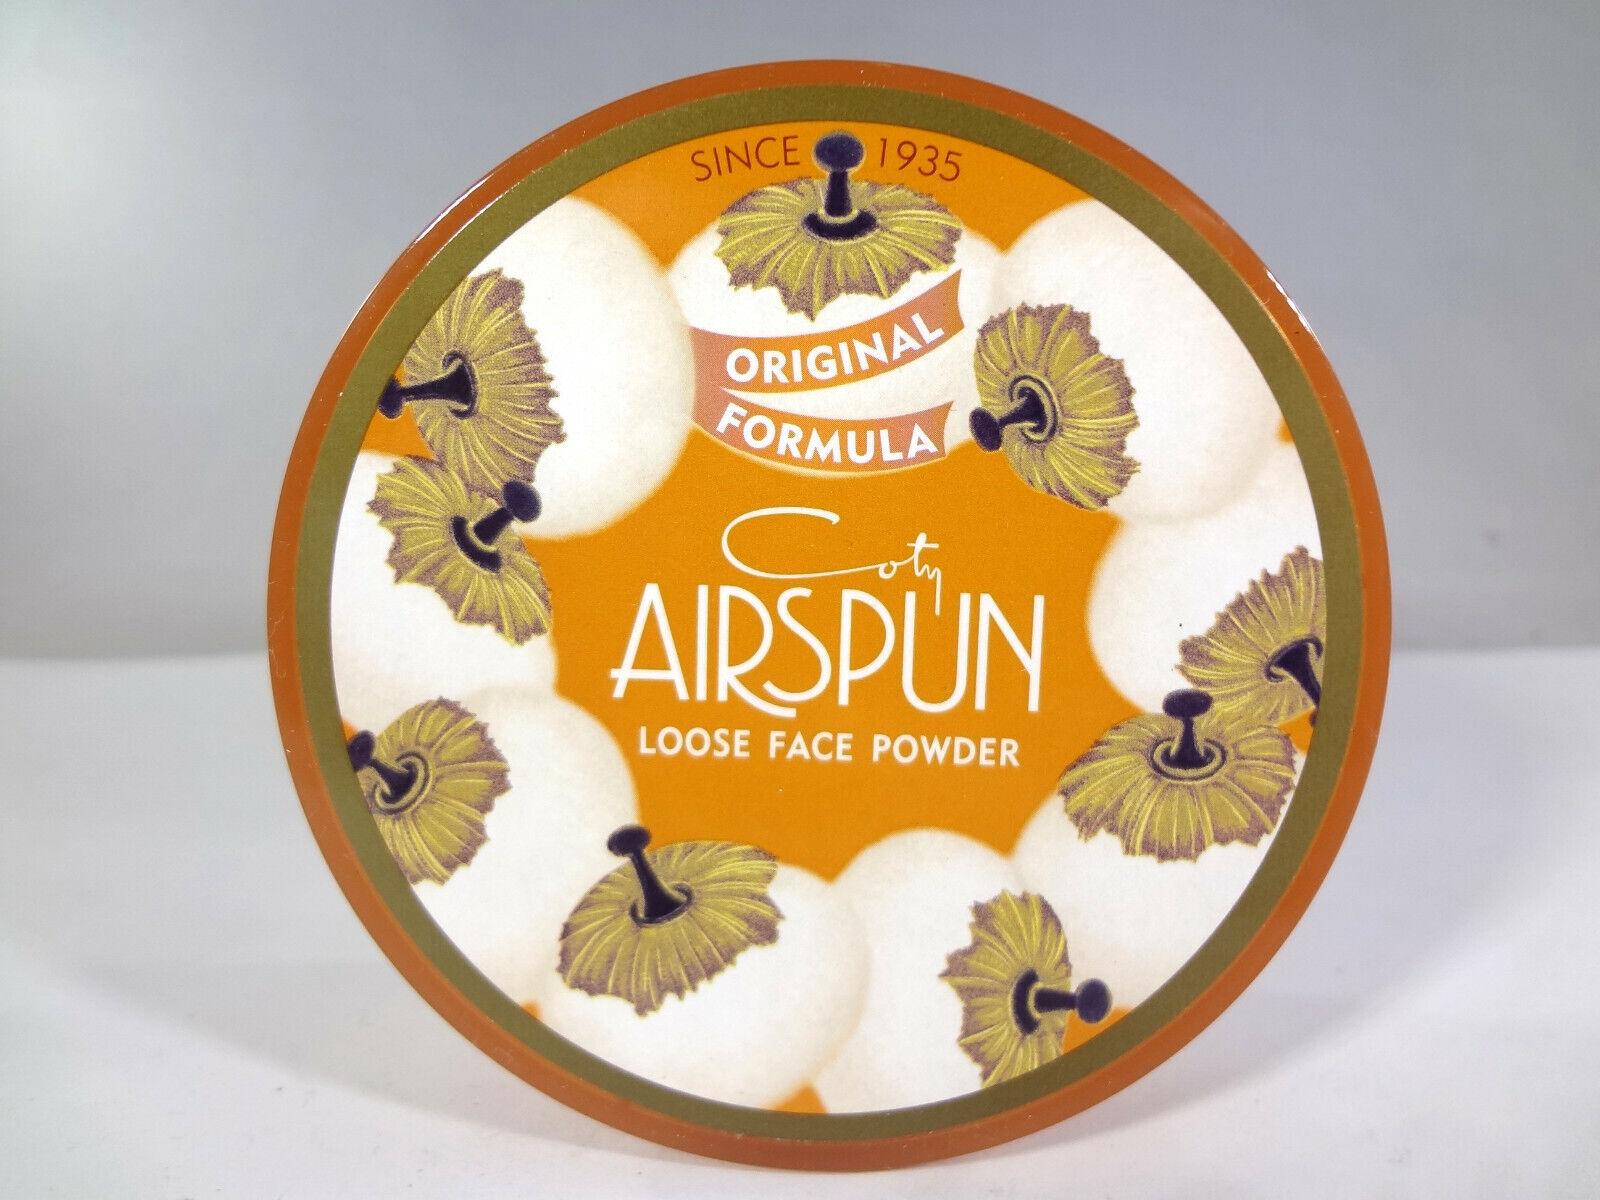 Airspun Loose Face Powder Translucent 070-24 -